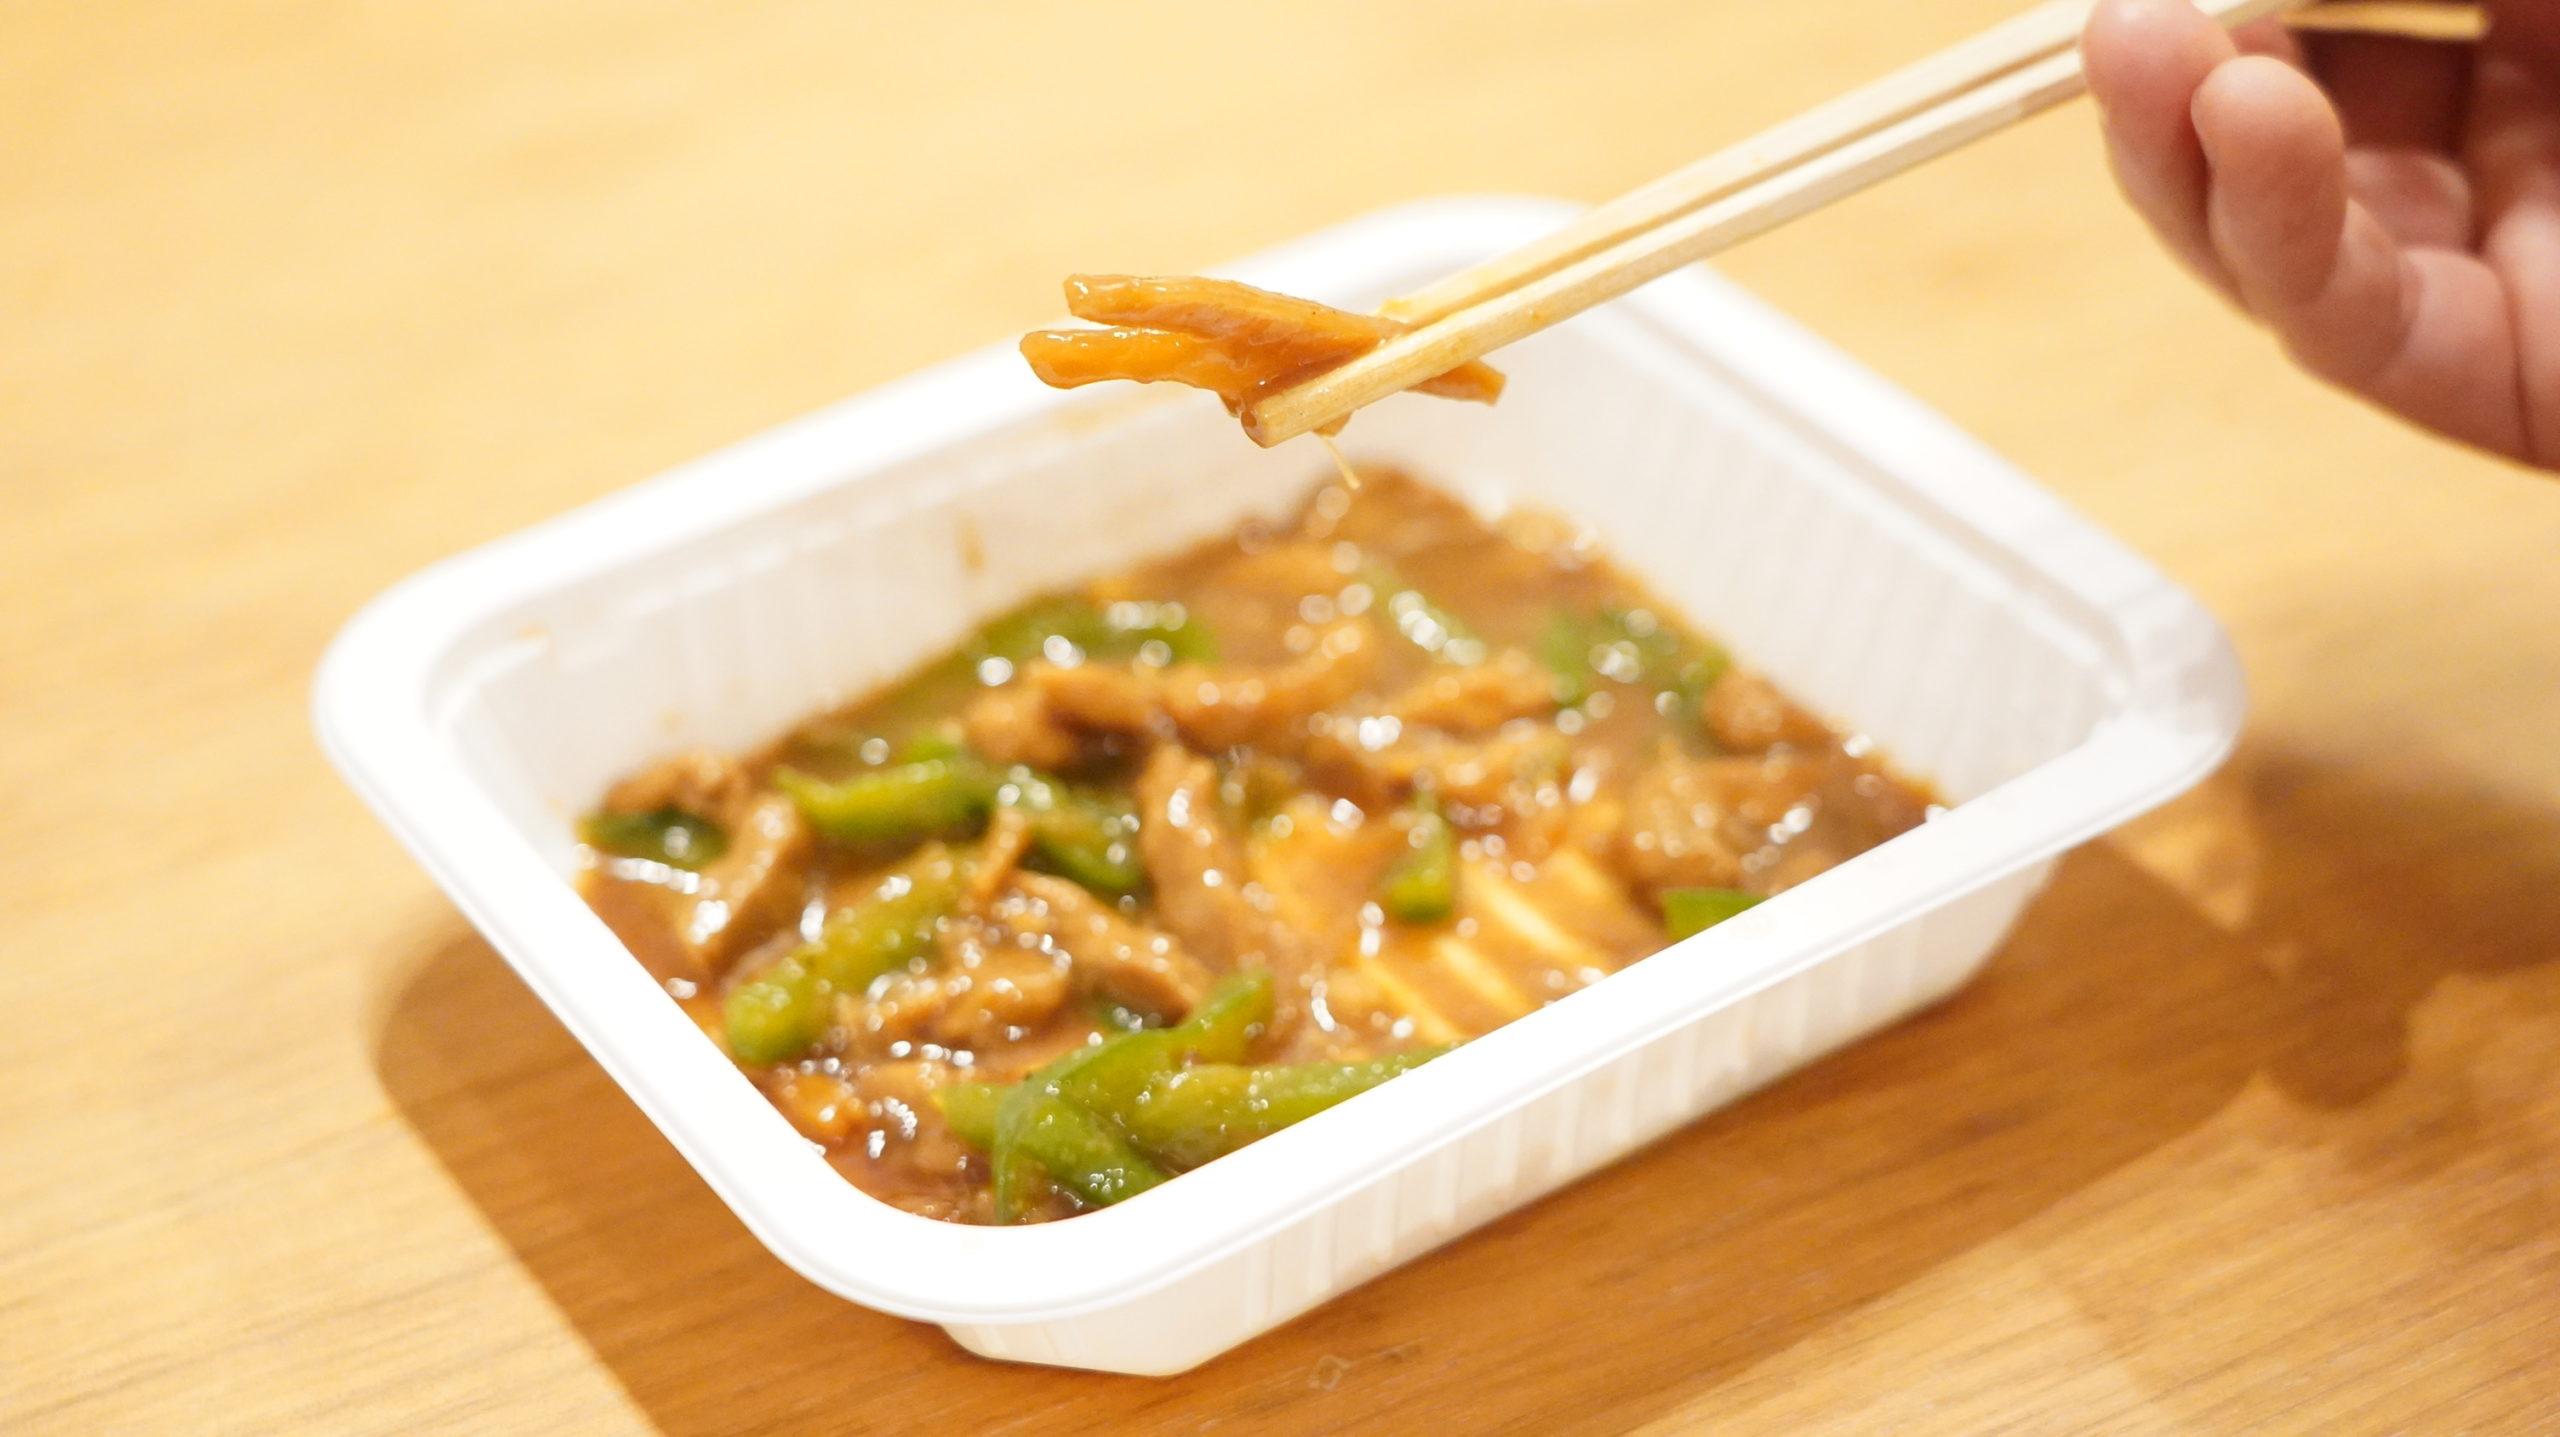 セブンイレブンの冷凍食品「やみつきになる香ばしさ・青椒肉絲(チンジャオロースー」のタケノコの写真